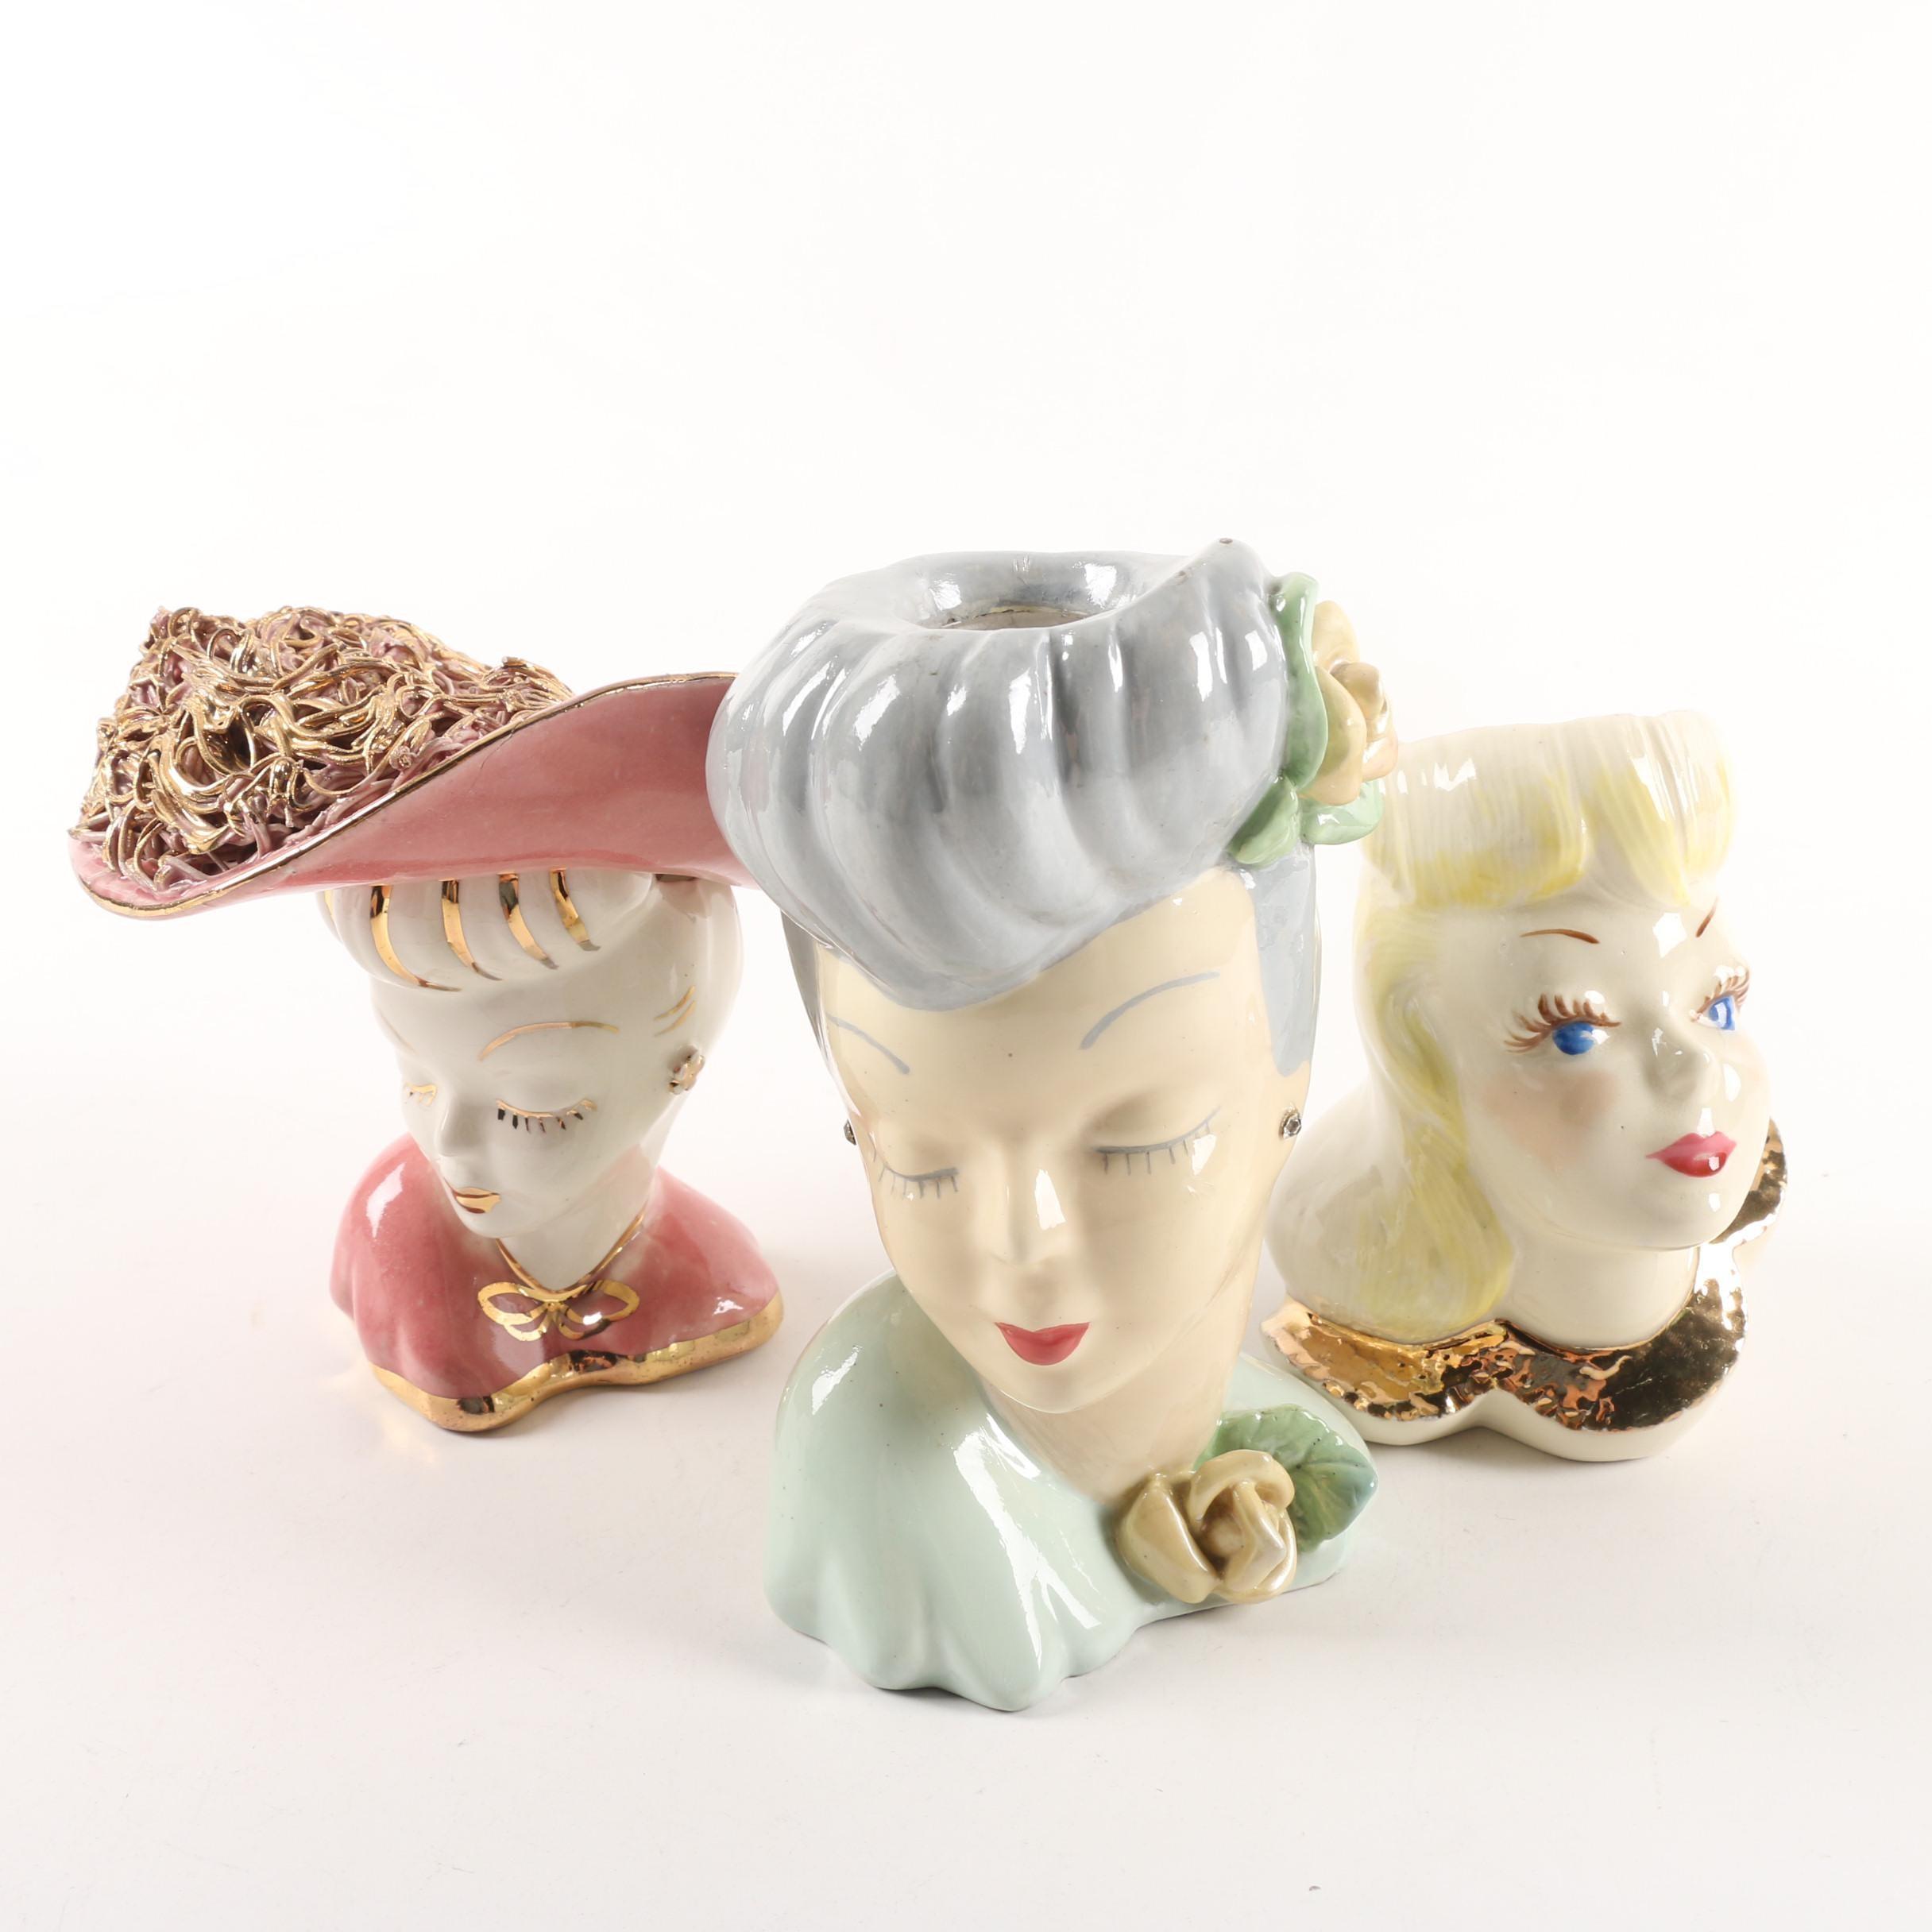 Vintage Hand-Painted Ceramic Lady Head Vases